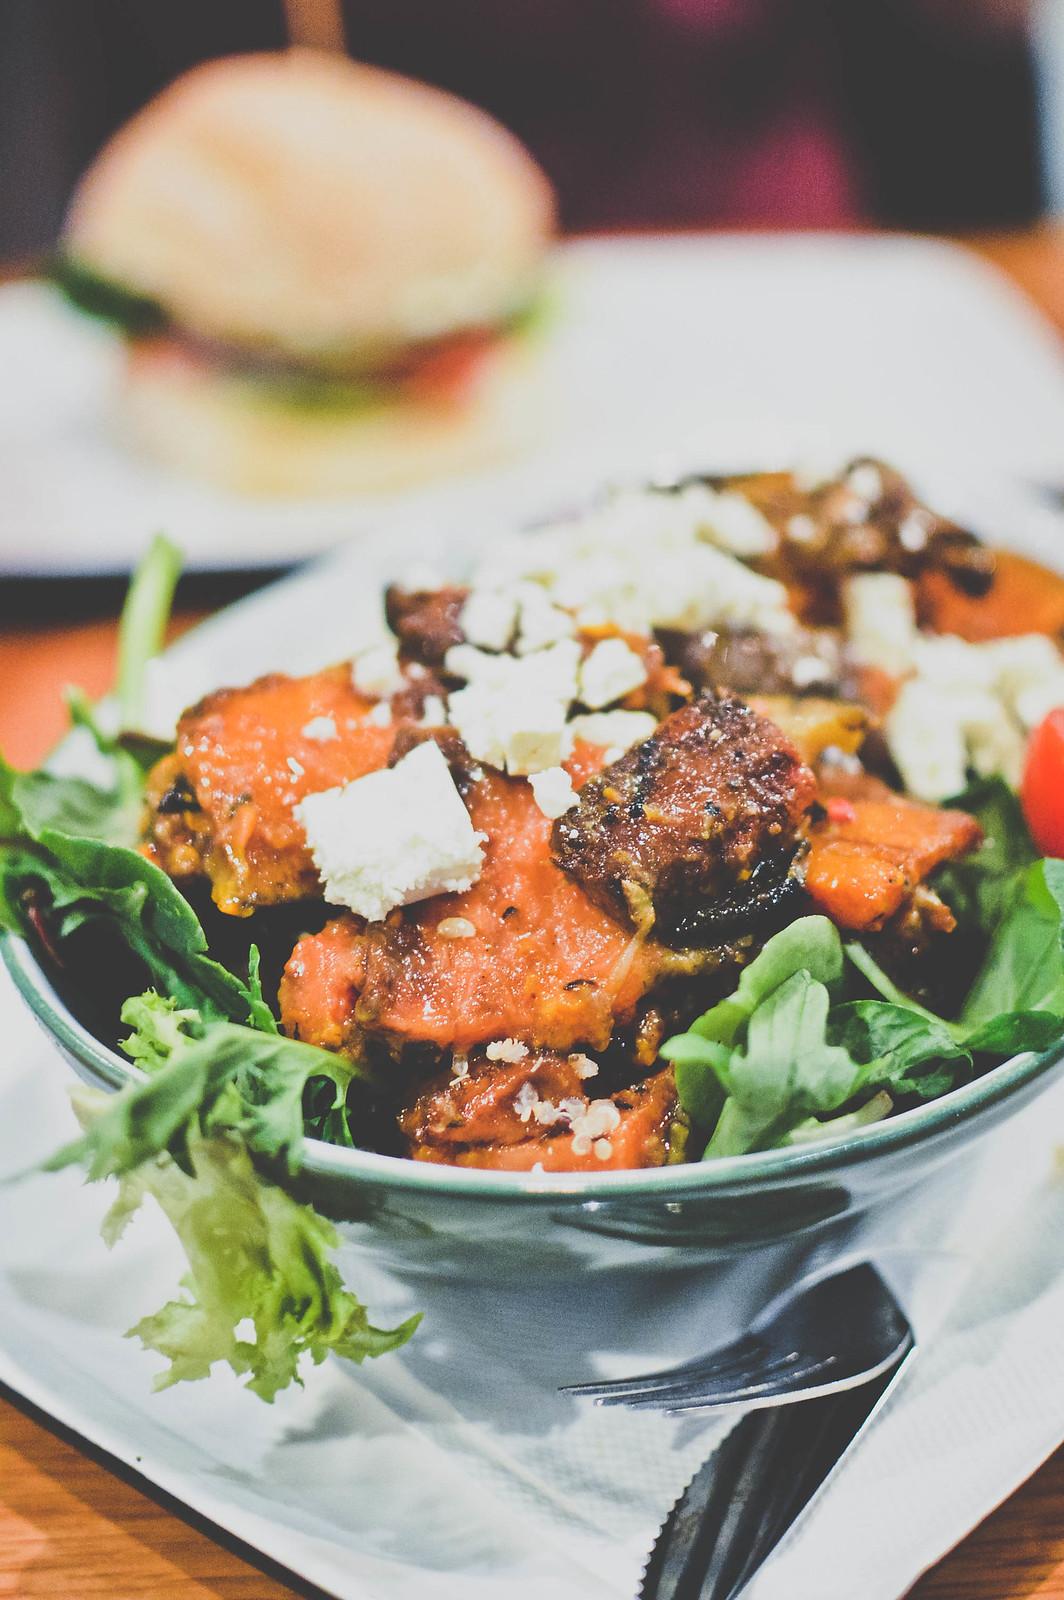 Mixed Vegetables & Dukkah Salad